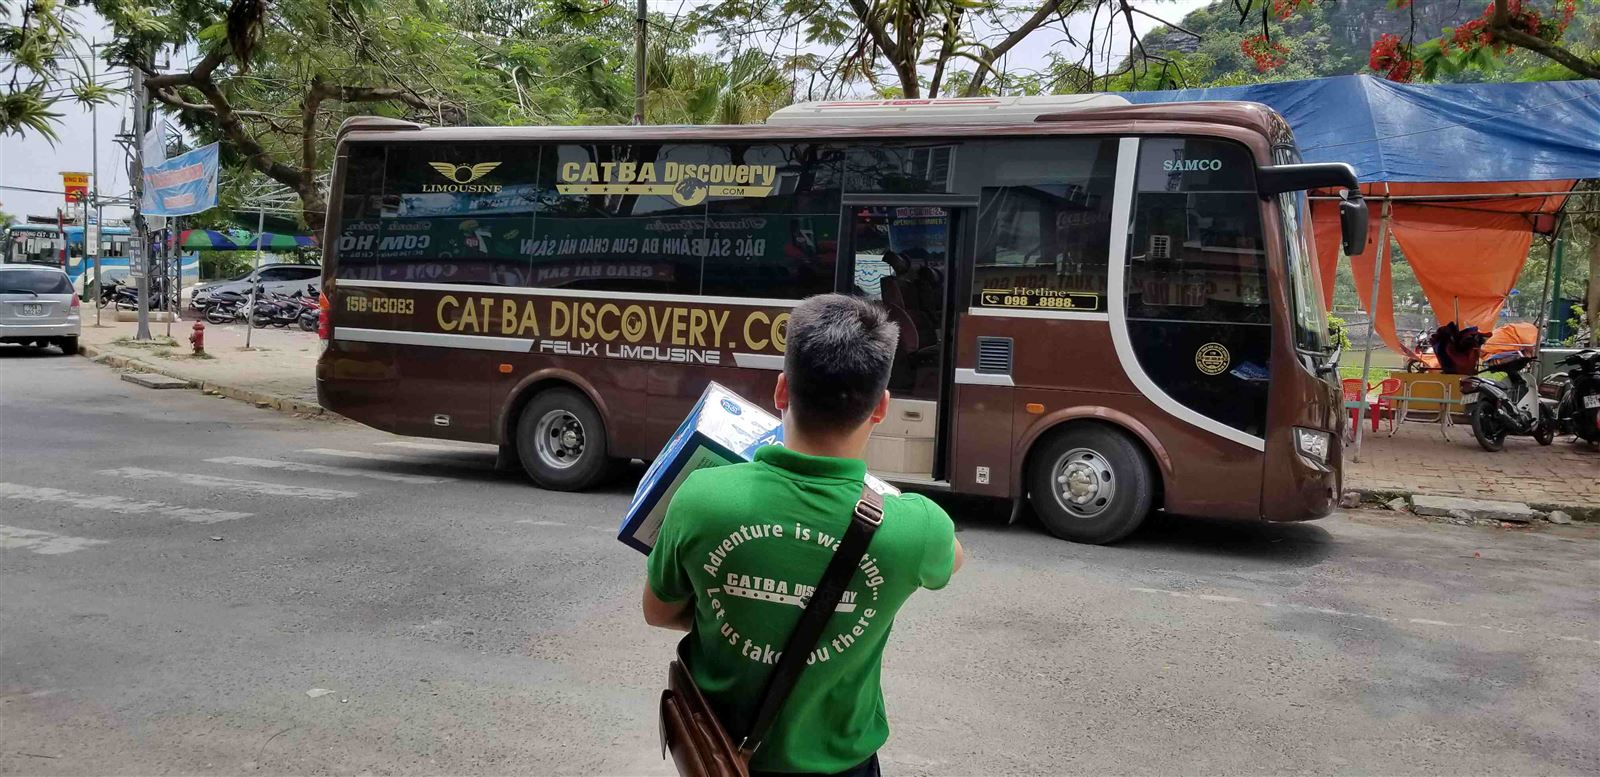 Cat-ba-discovery-bus-đón-khách